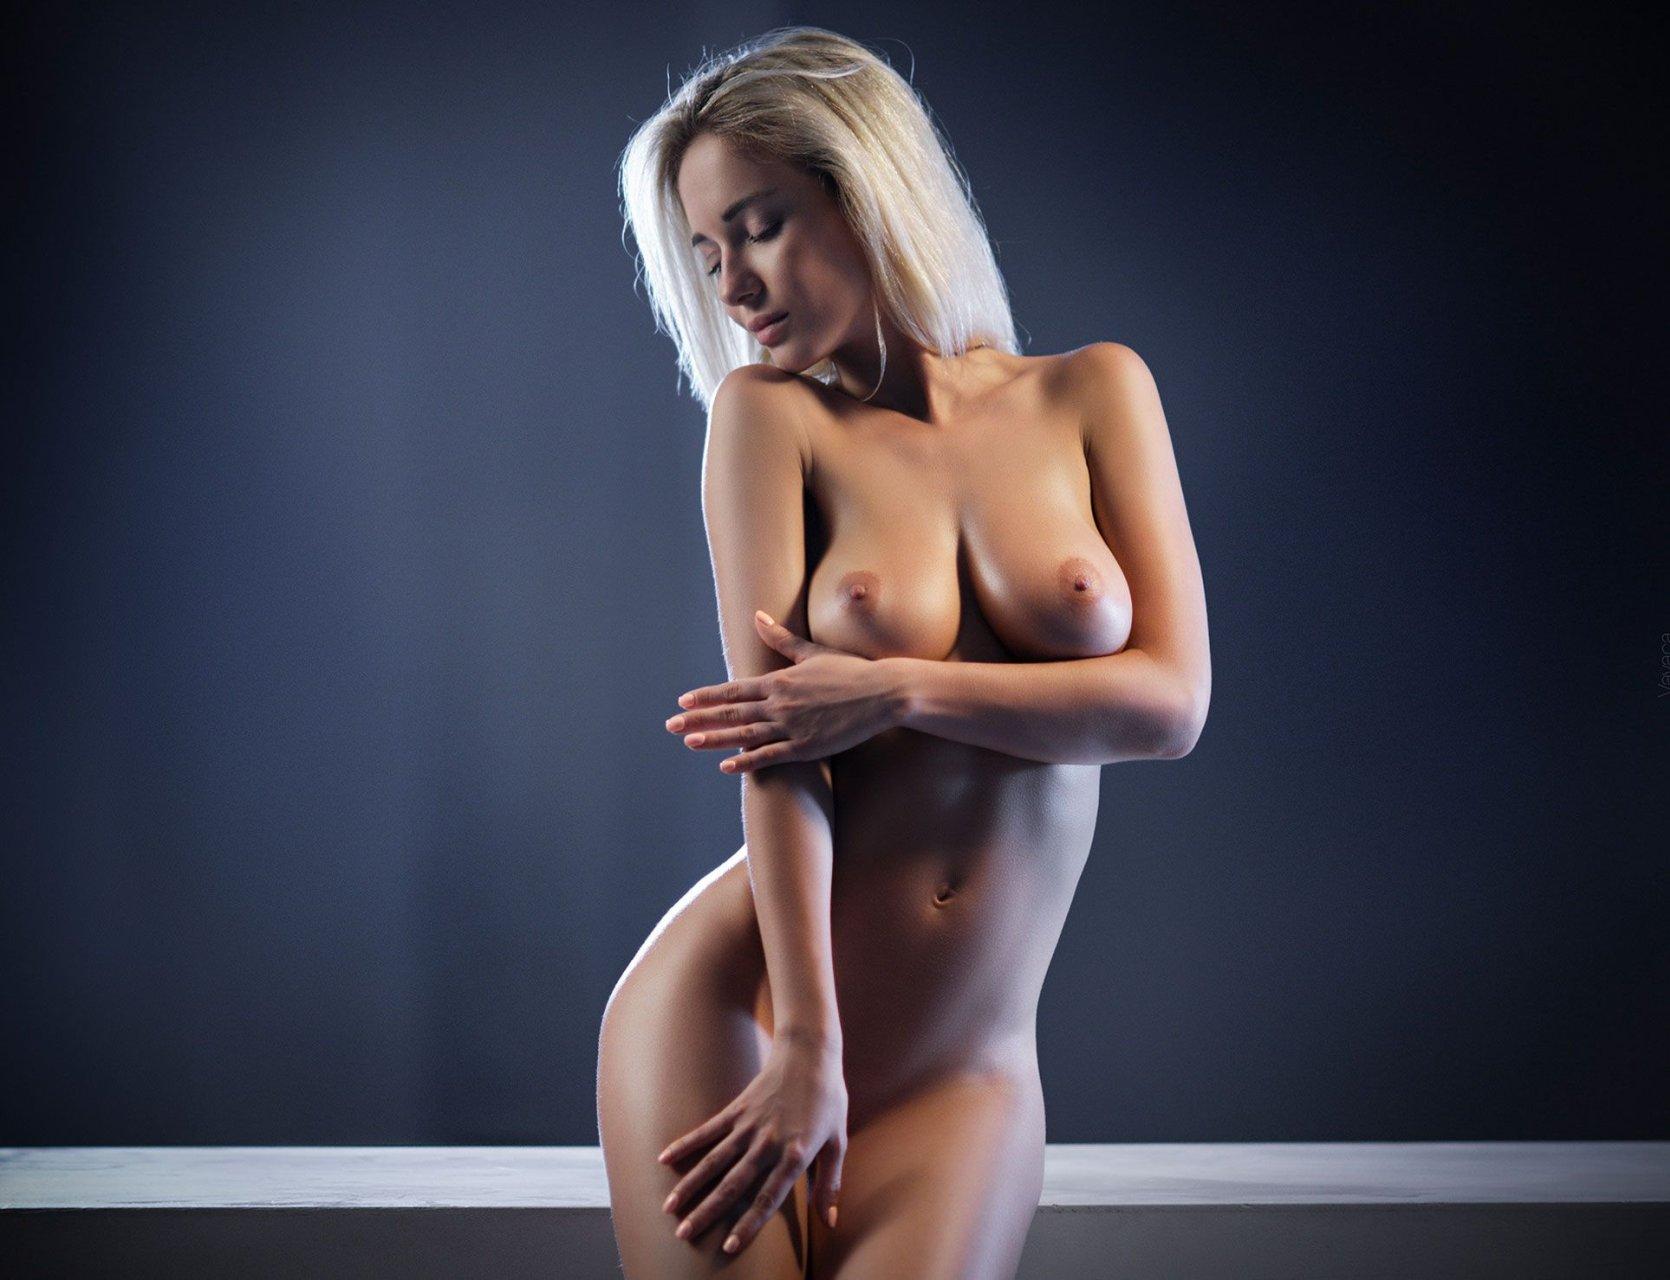 Голые Женщины Позируют